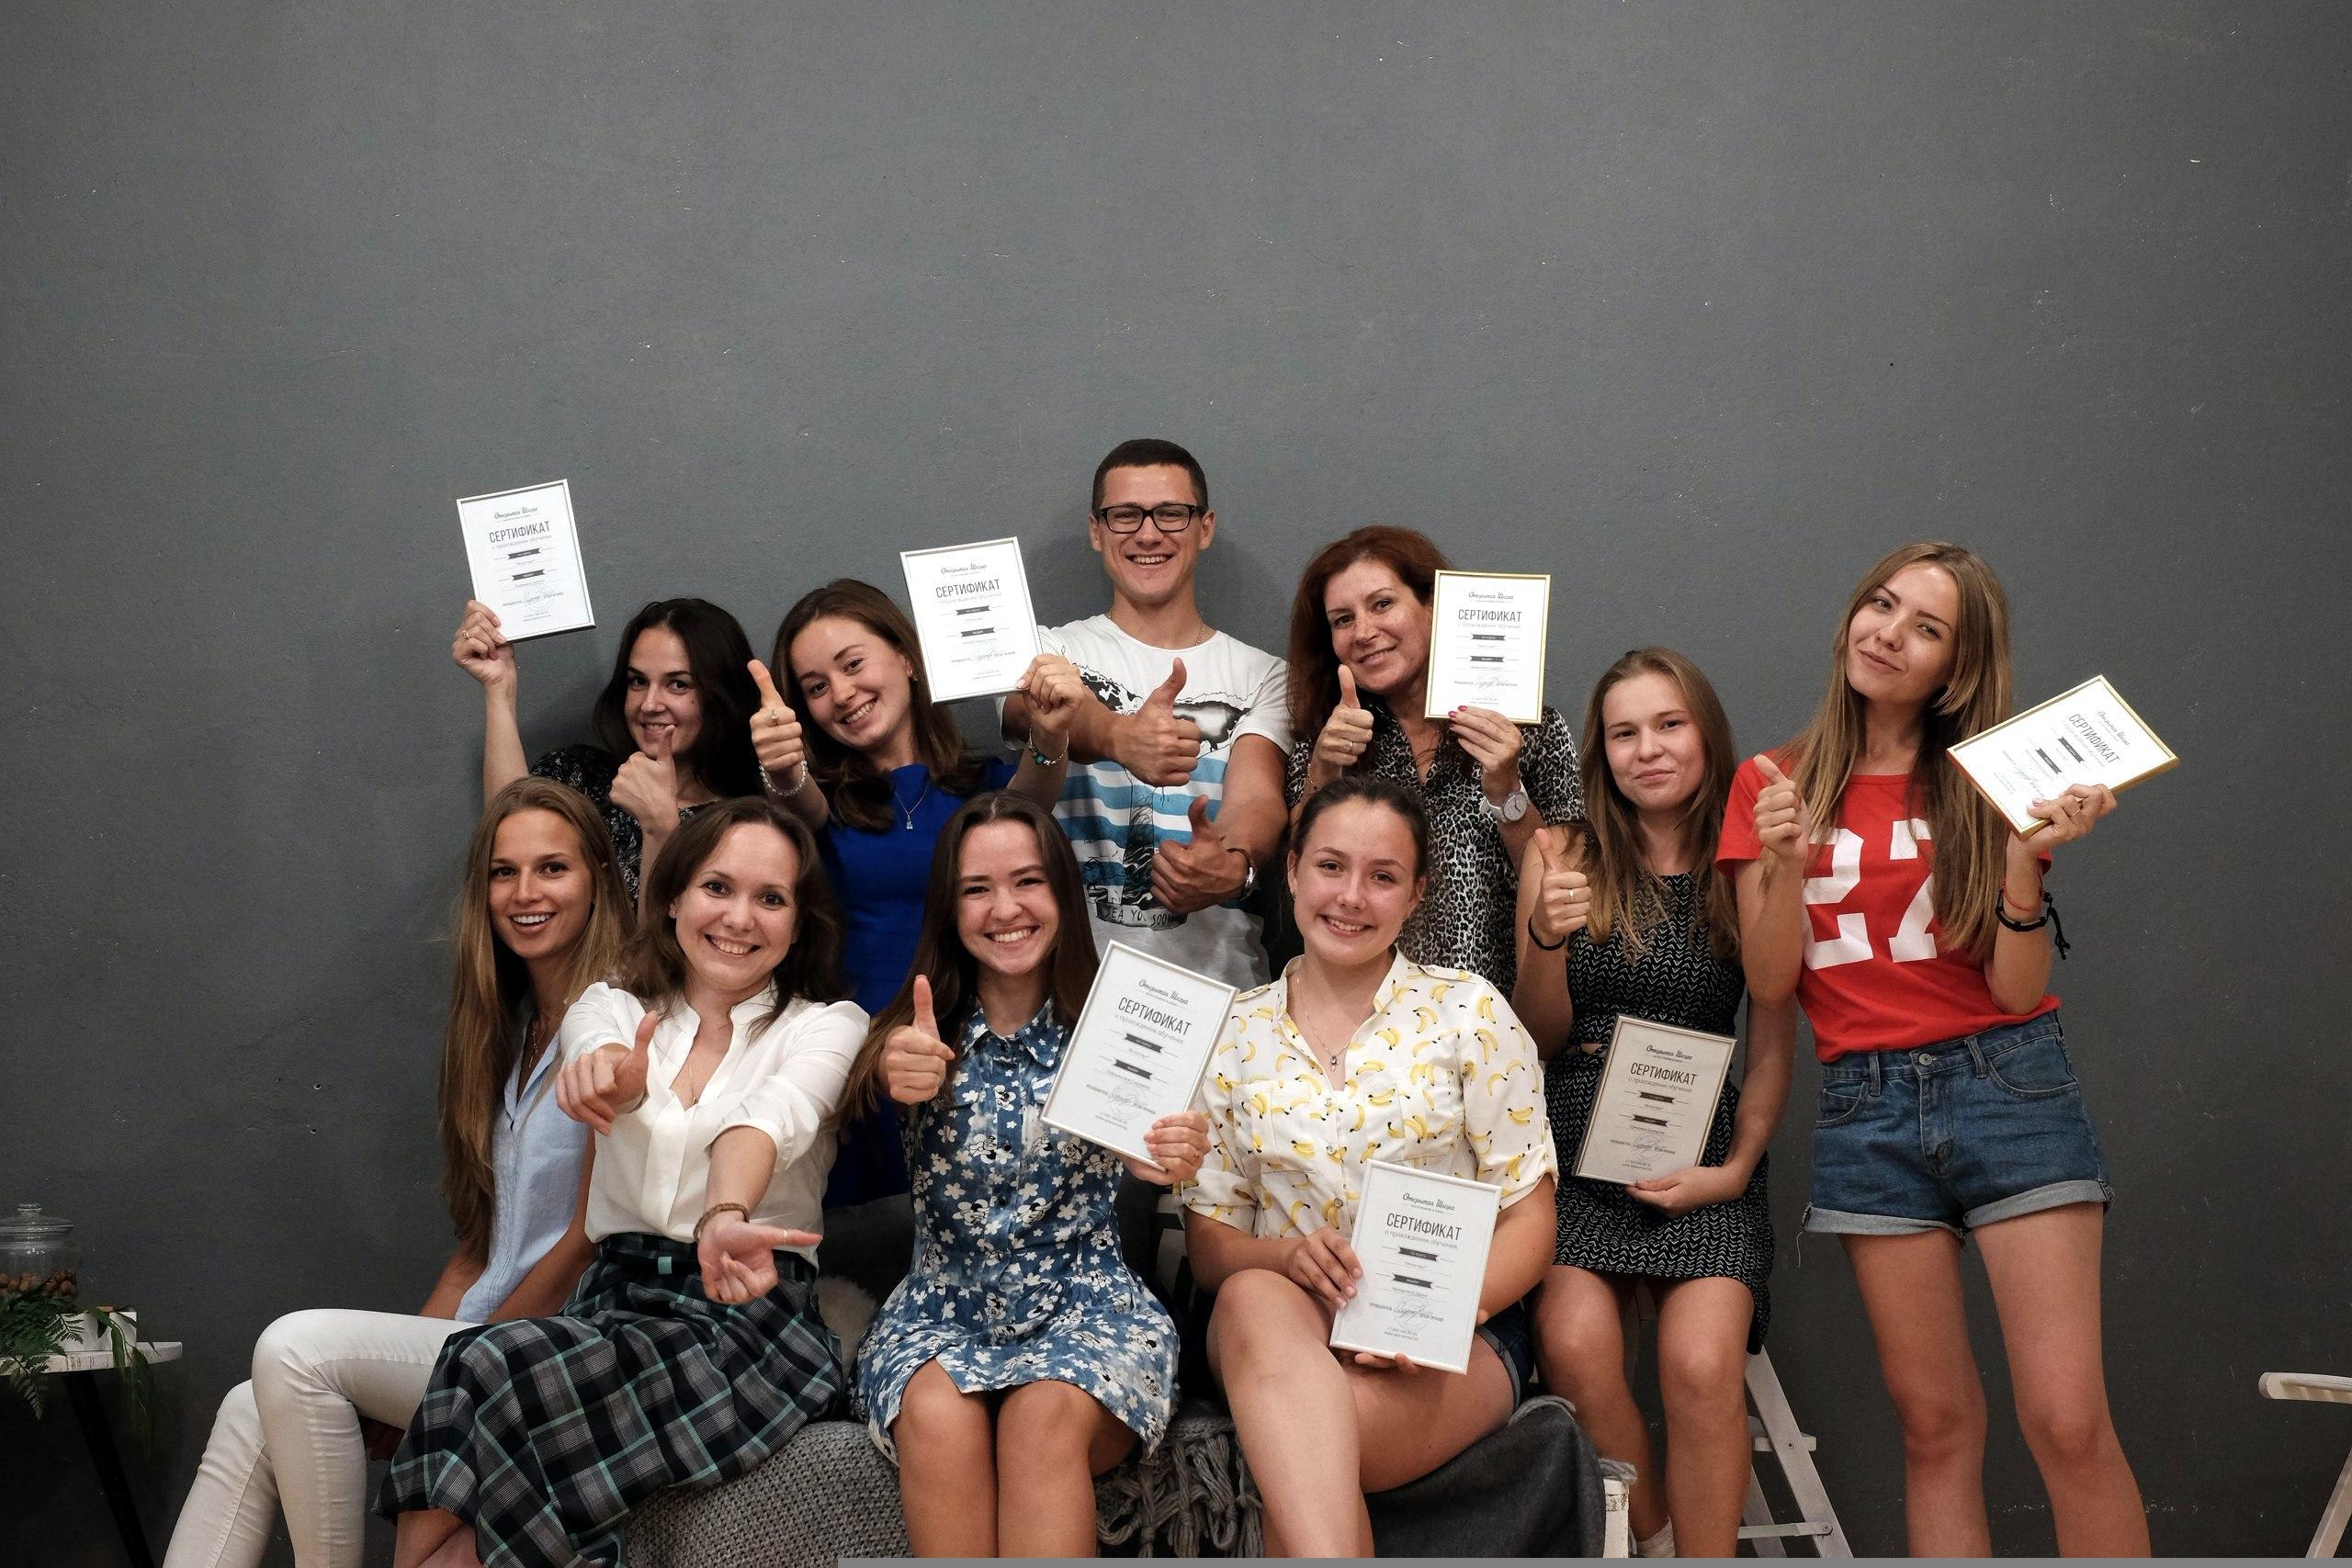 Отзывы учеников фотокурса для новичков «Фотостарт» — август 2016